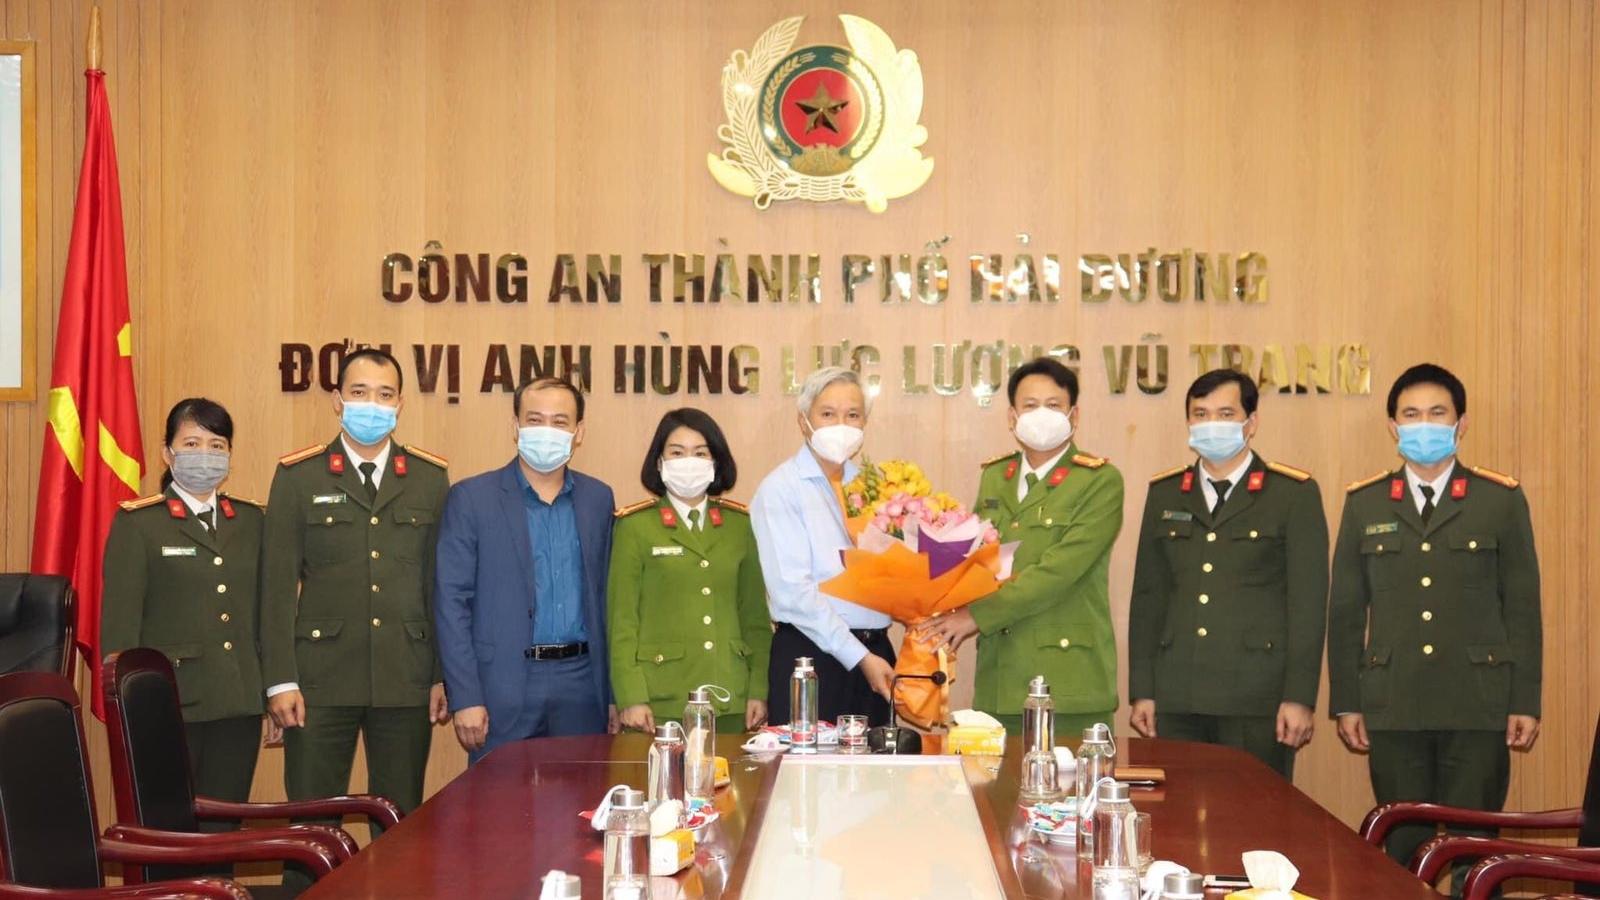 Khởi tố vụ án làm lây landịch bệnh Covid-19 ở thành phố Hải Dương